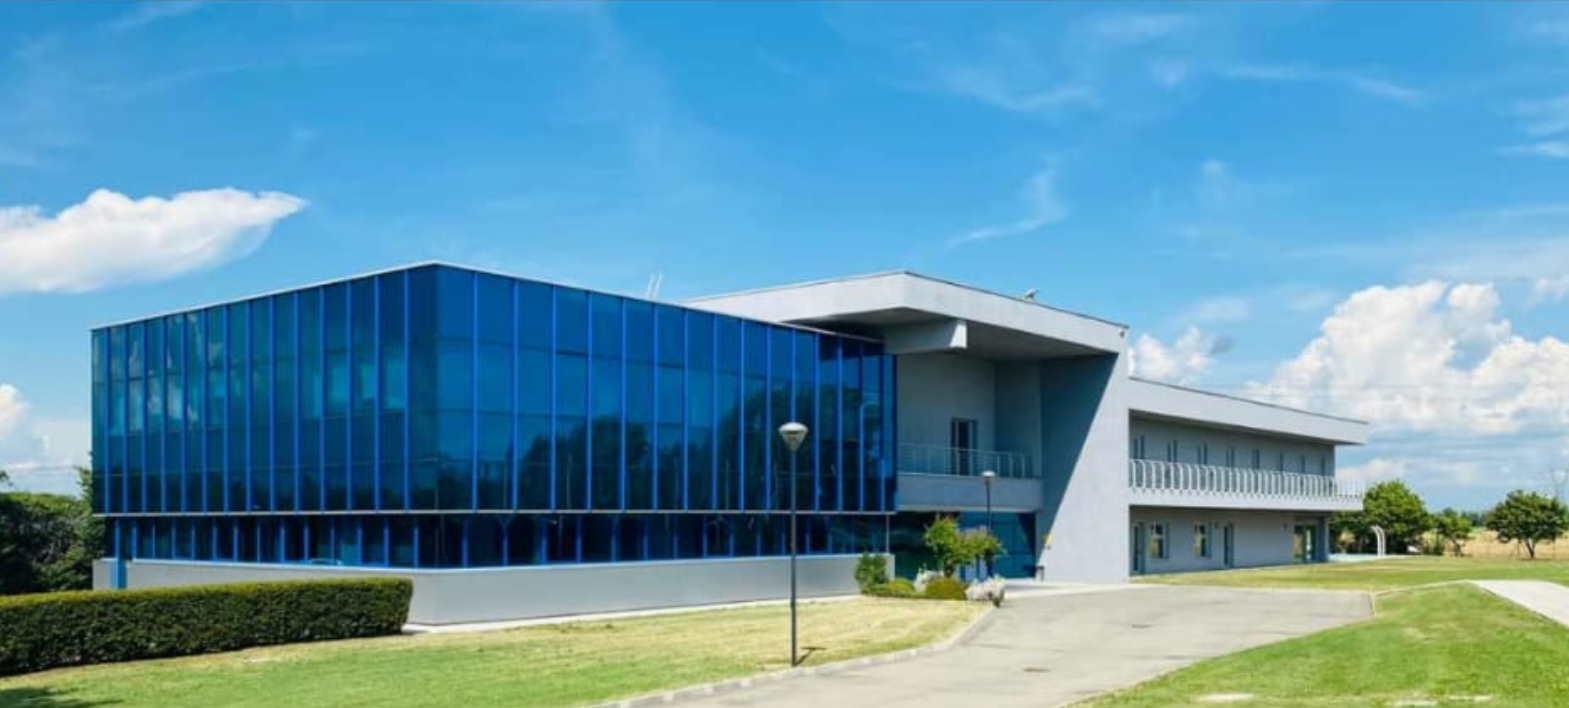 centro sportivo di collecchio